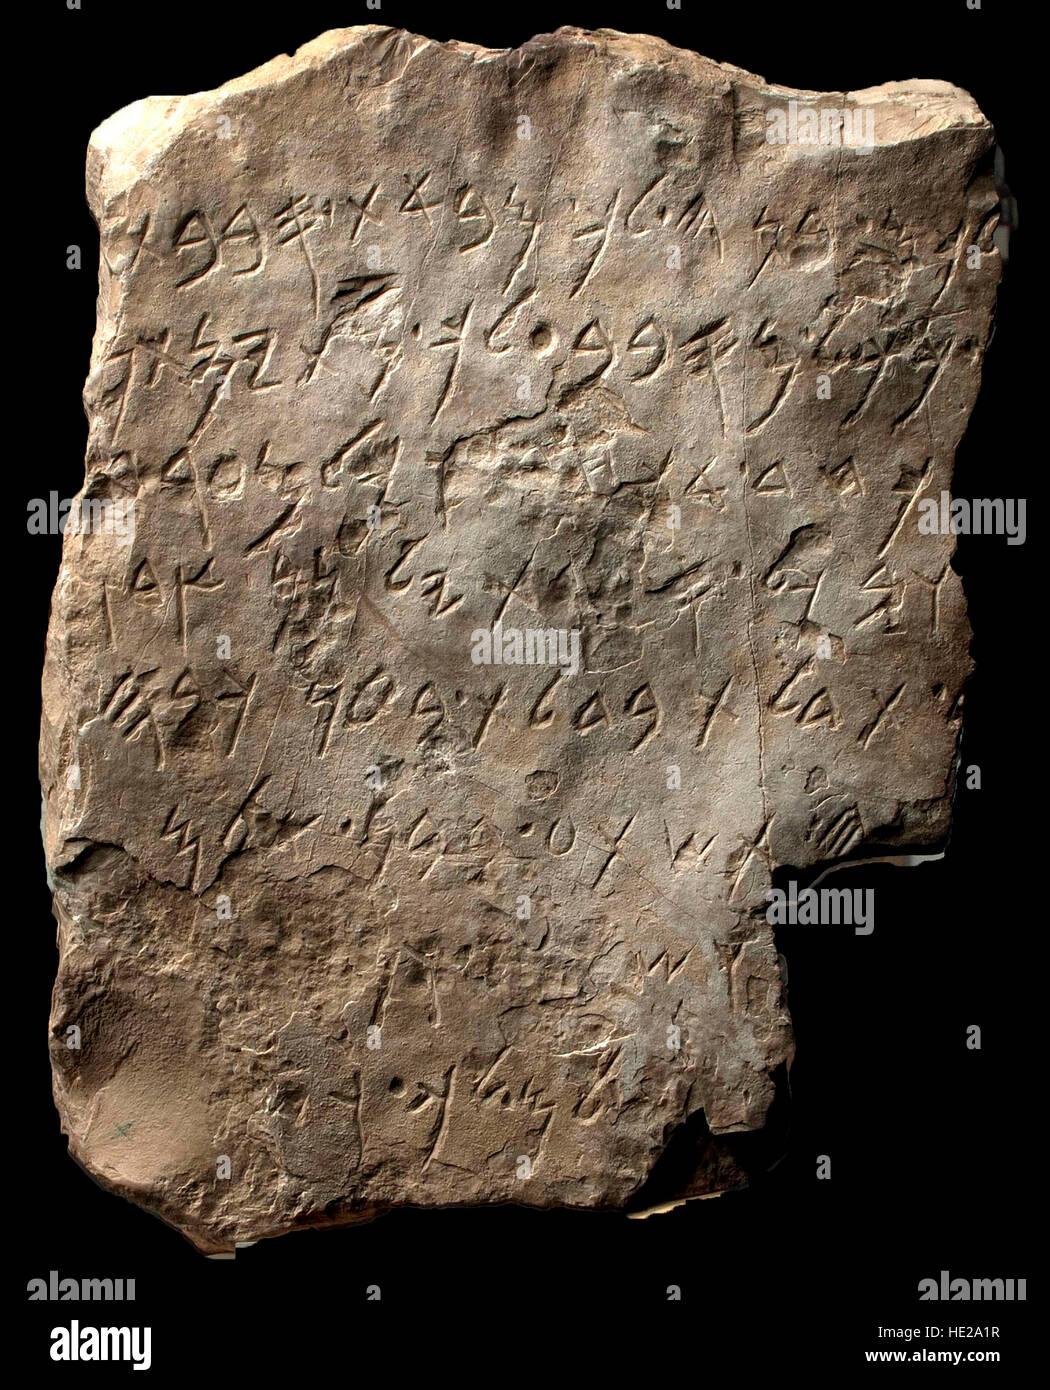 6030. Amman Zitadelle Inschrift, die älteste Inschrift in der Datierung c. 9 / 8. Ammoniten-Sprache. C. BC. Stockbild